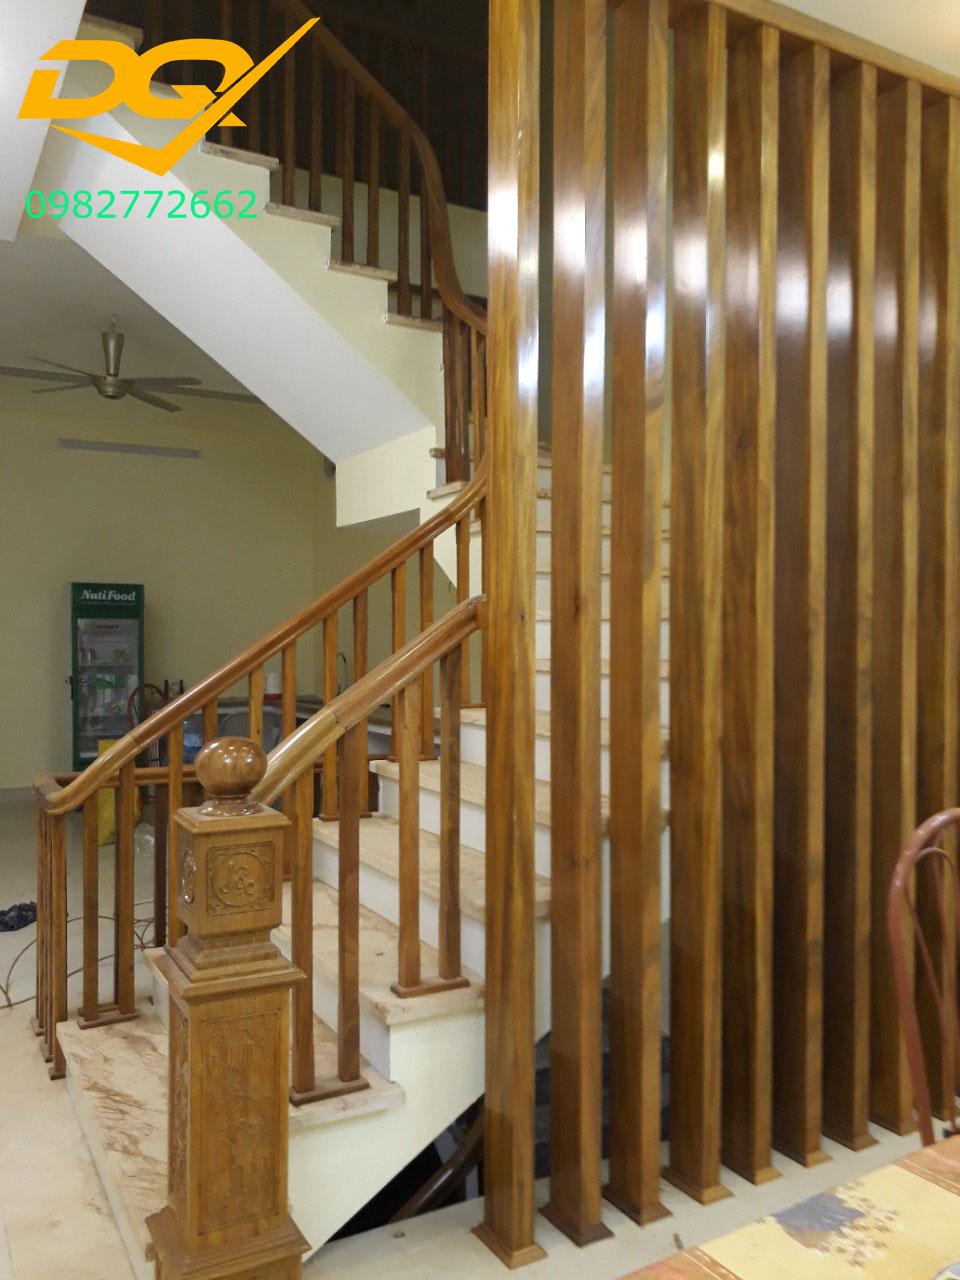 Mẫu cầu thang gỗ#15